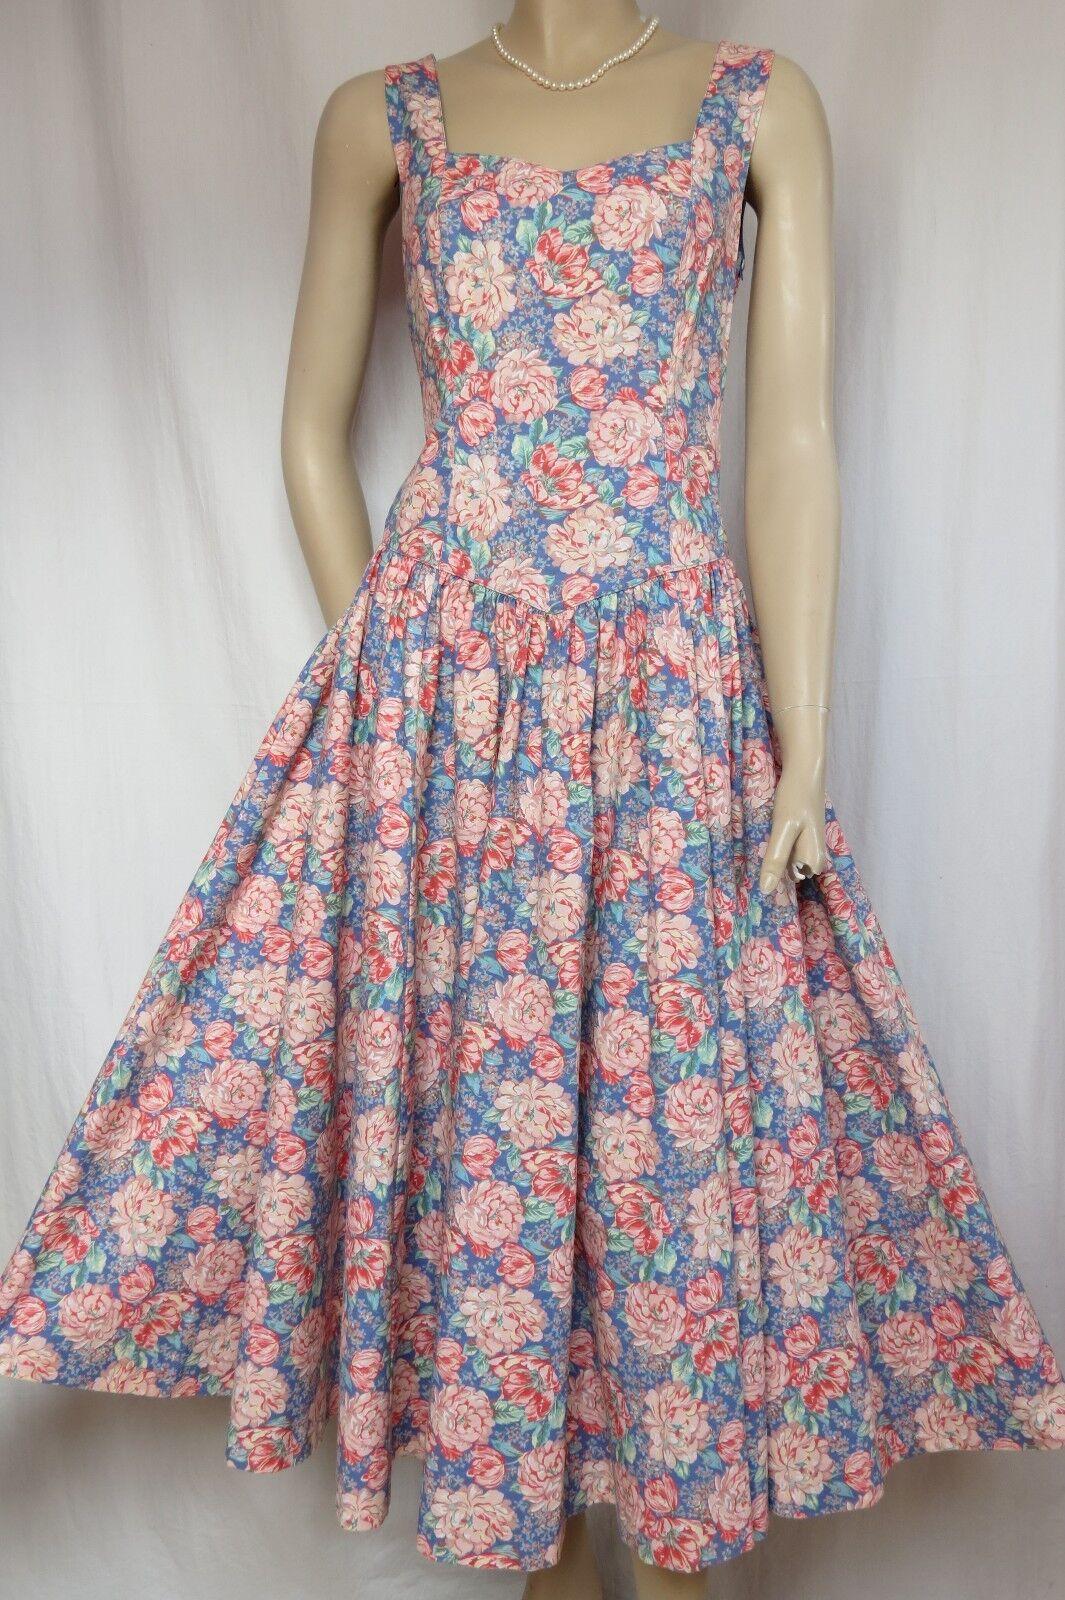 Laura Ashley Sommerkleid 38 Blaumen blau Rosa grün Baumwolle Baumwolle Baumwolle Hochzeit vintage 6eecb5